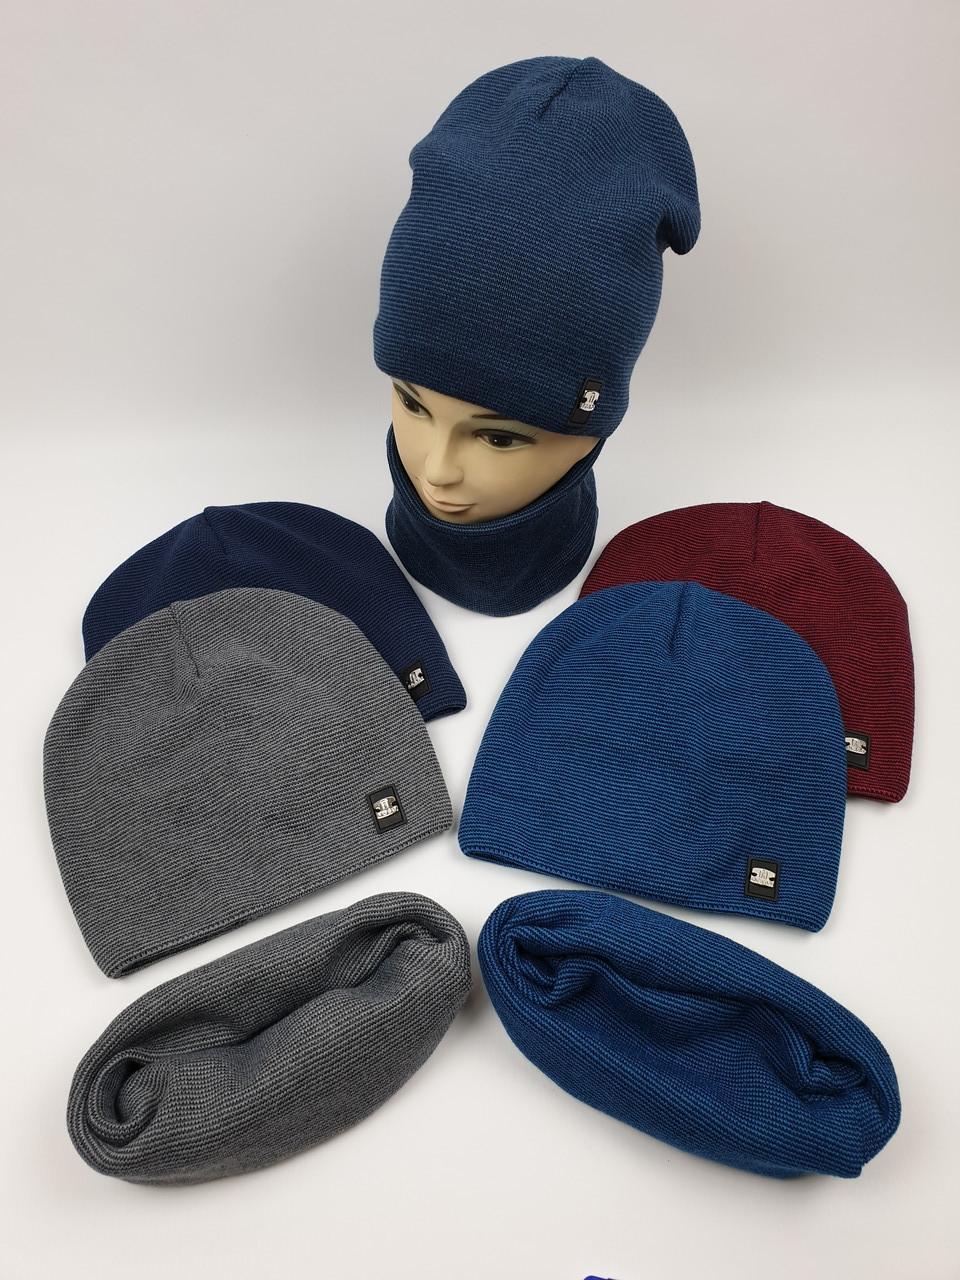 Подростковые демисезонные вязаные шапки со снудом для мальчиков оптом, р.52-54, Agbo (2072fazi)